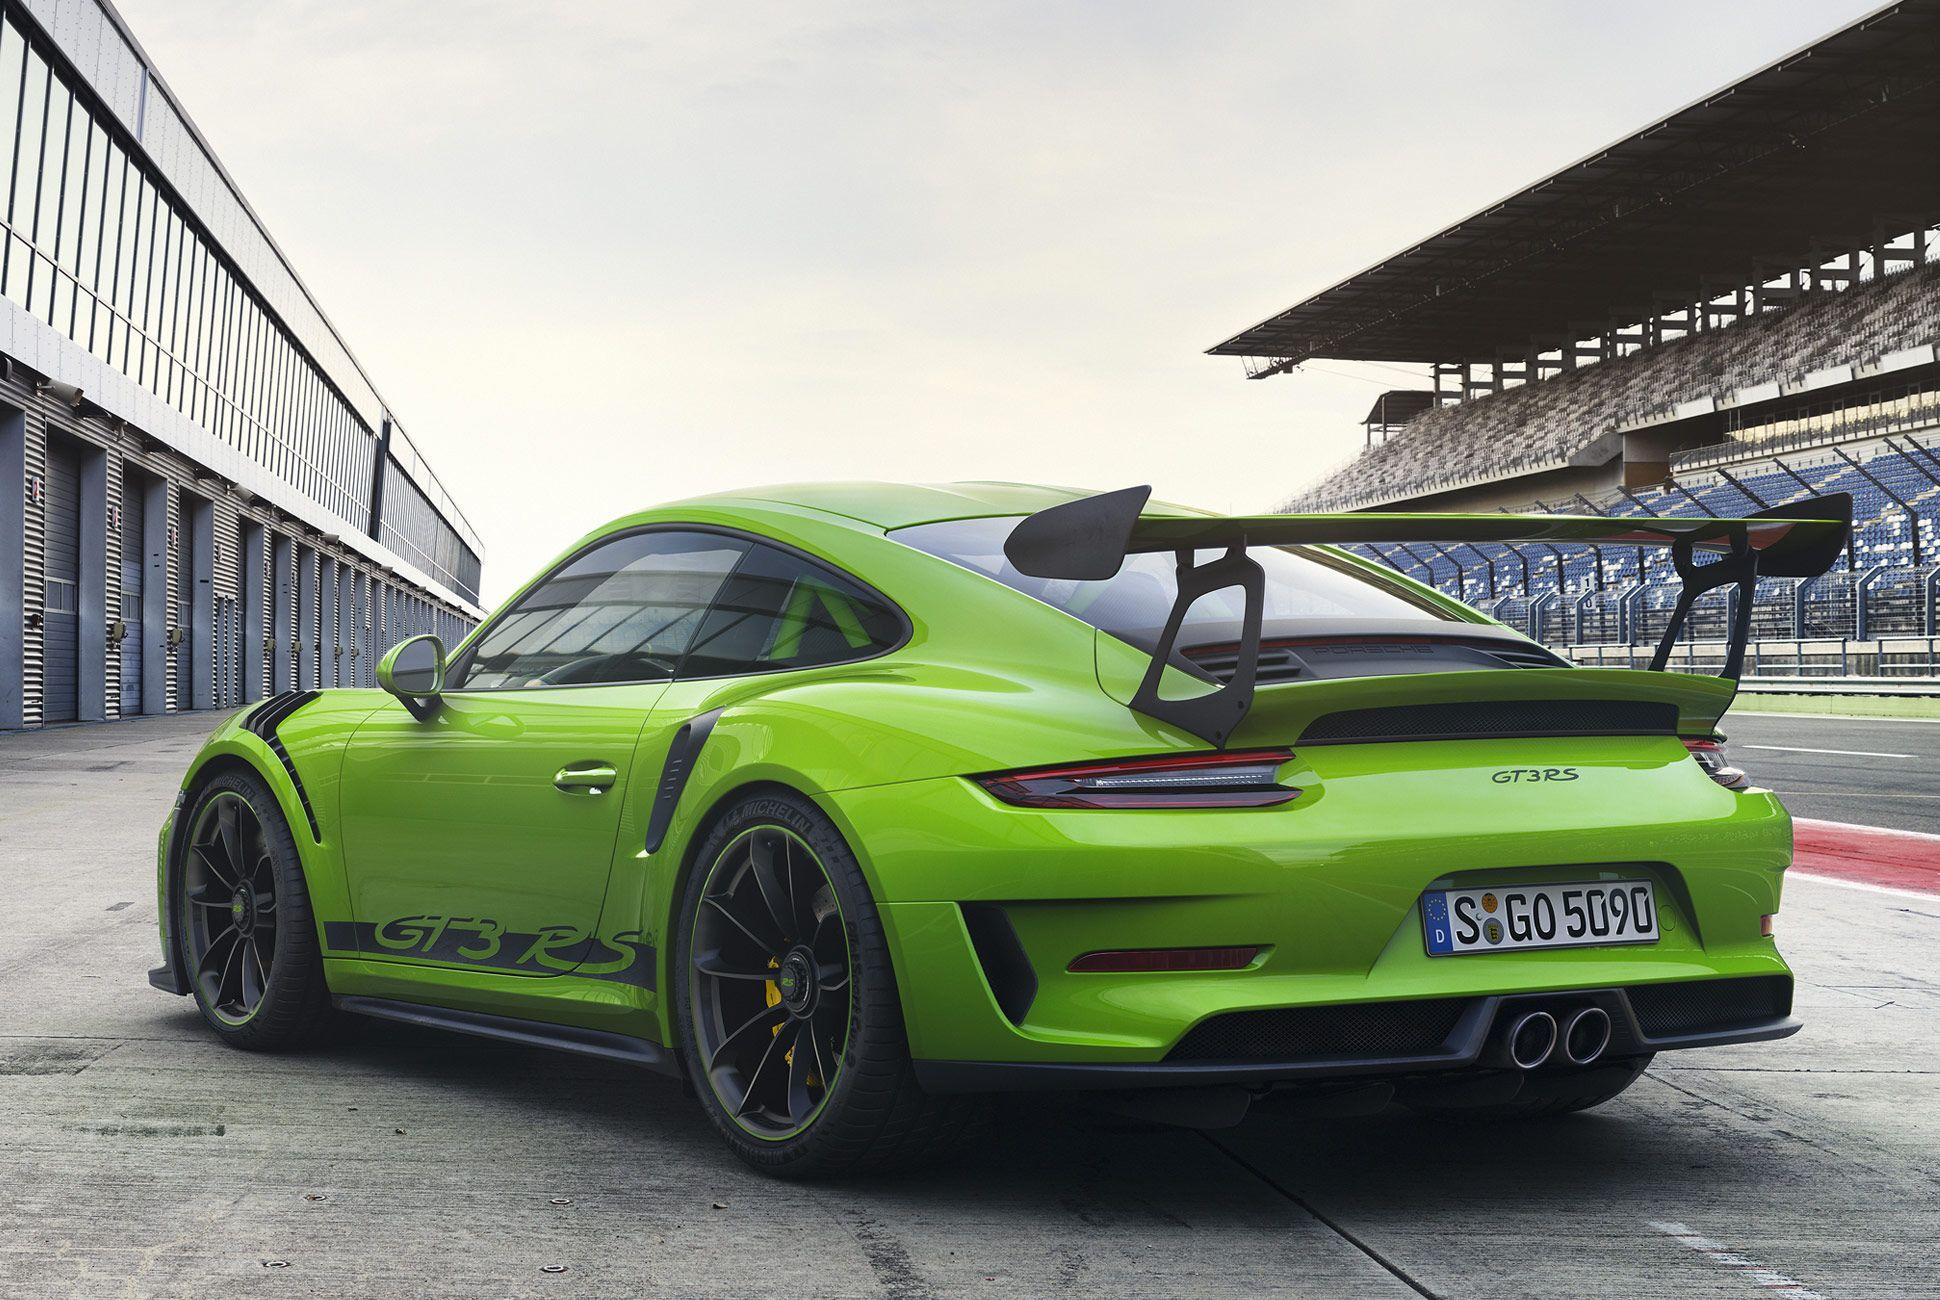 Porsche-911-GT3-RS-991-gear-patrol-slide-2